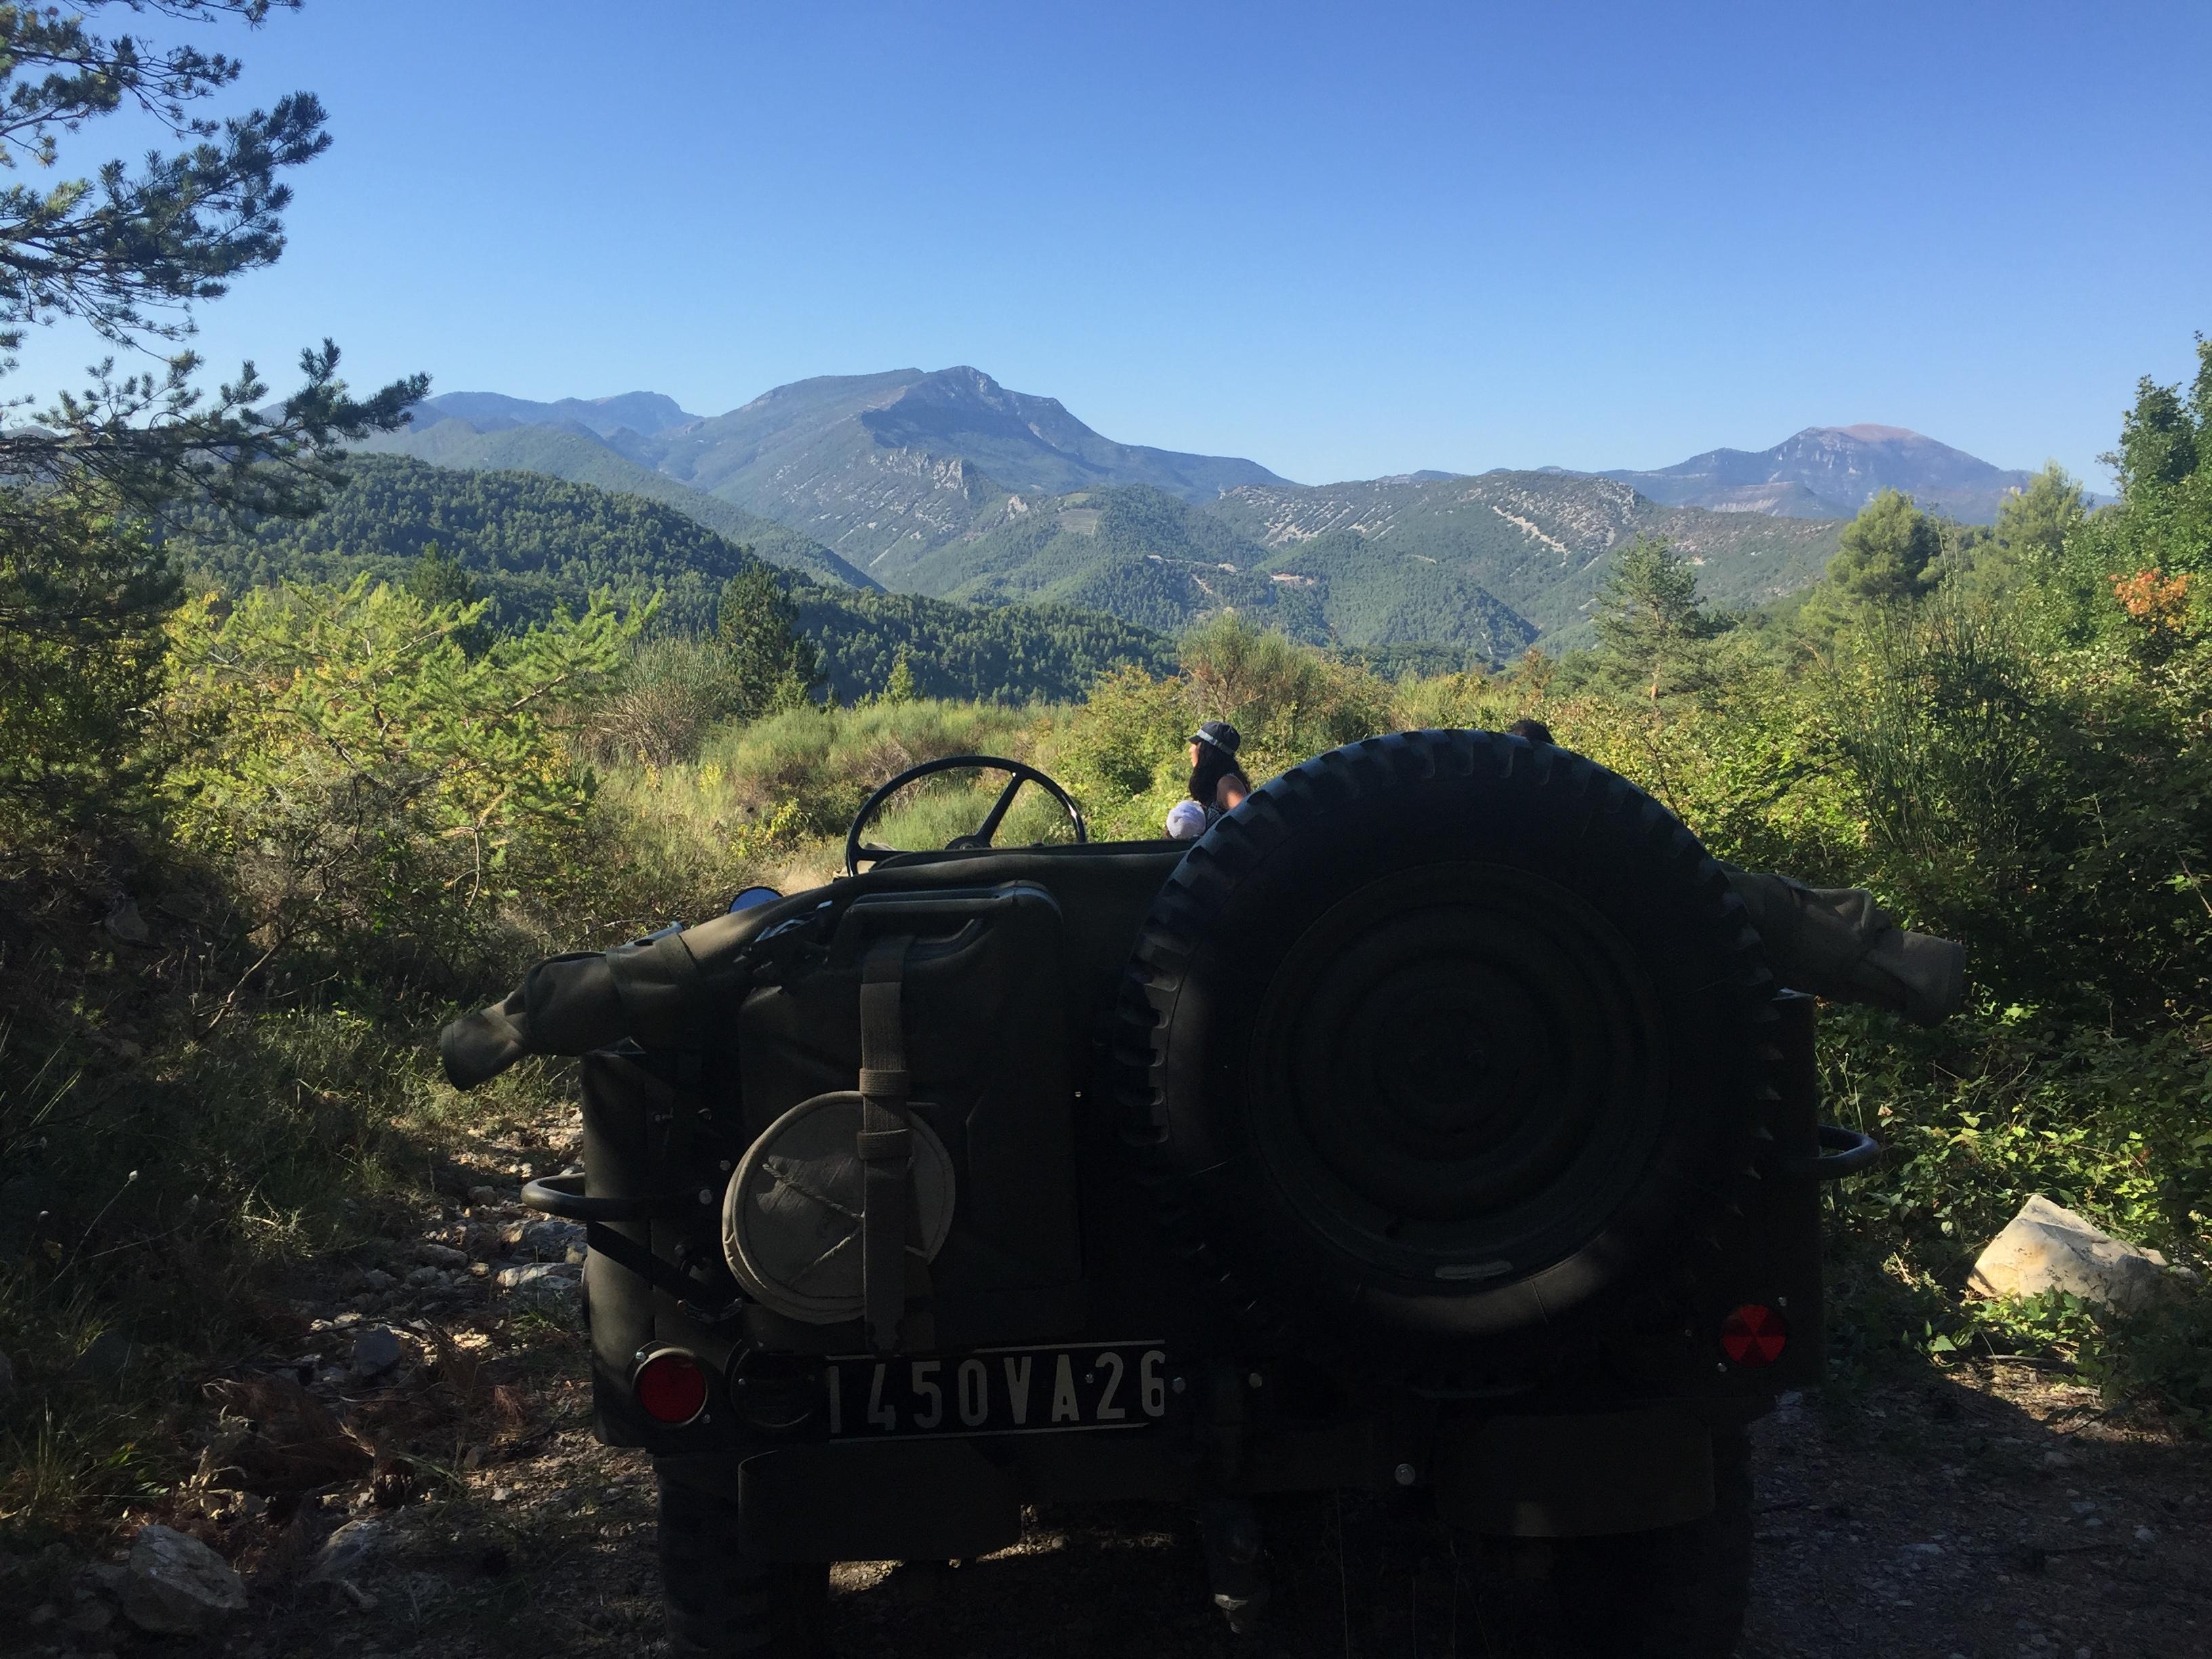 Entouré de collines